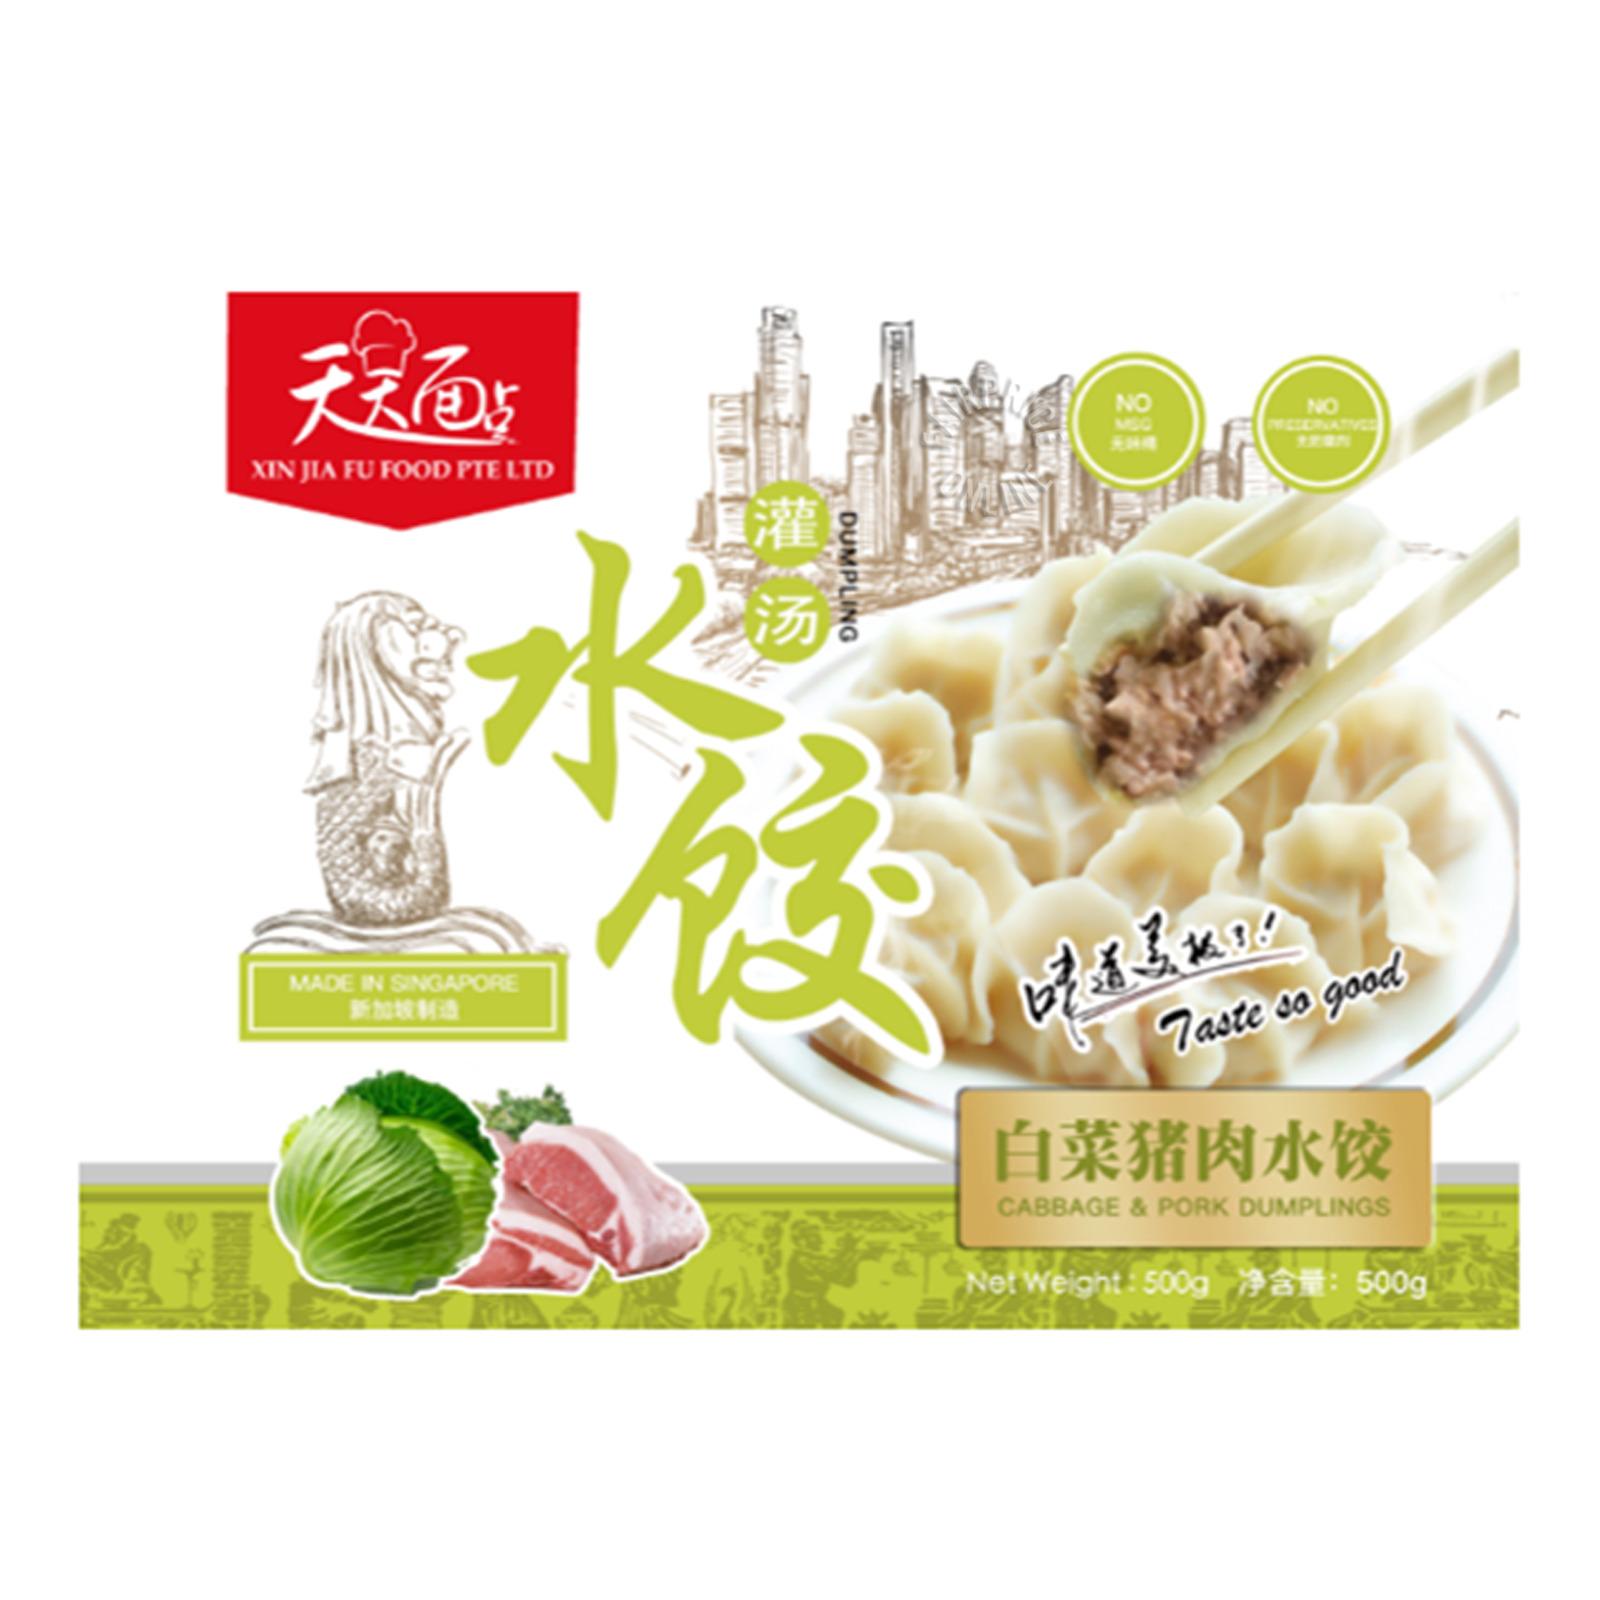 Tian Tian Mian Dian Dumplings - Cabbage & Pork